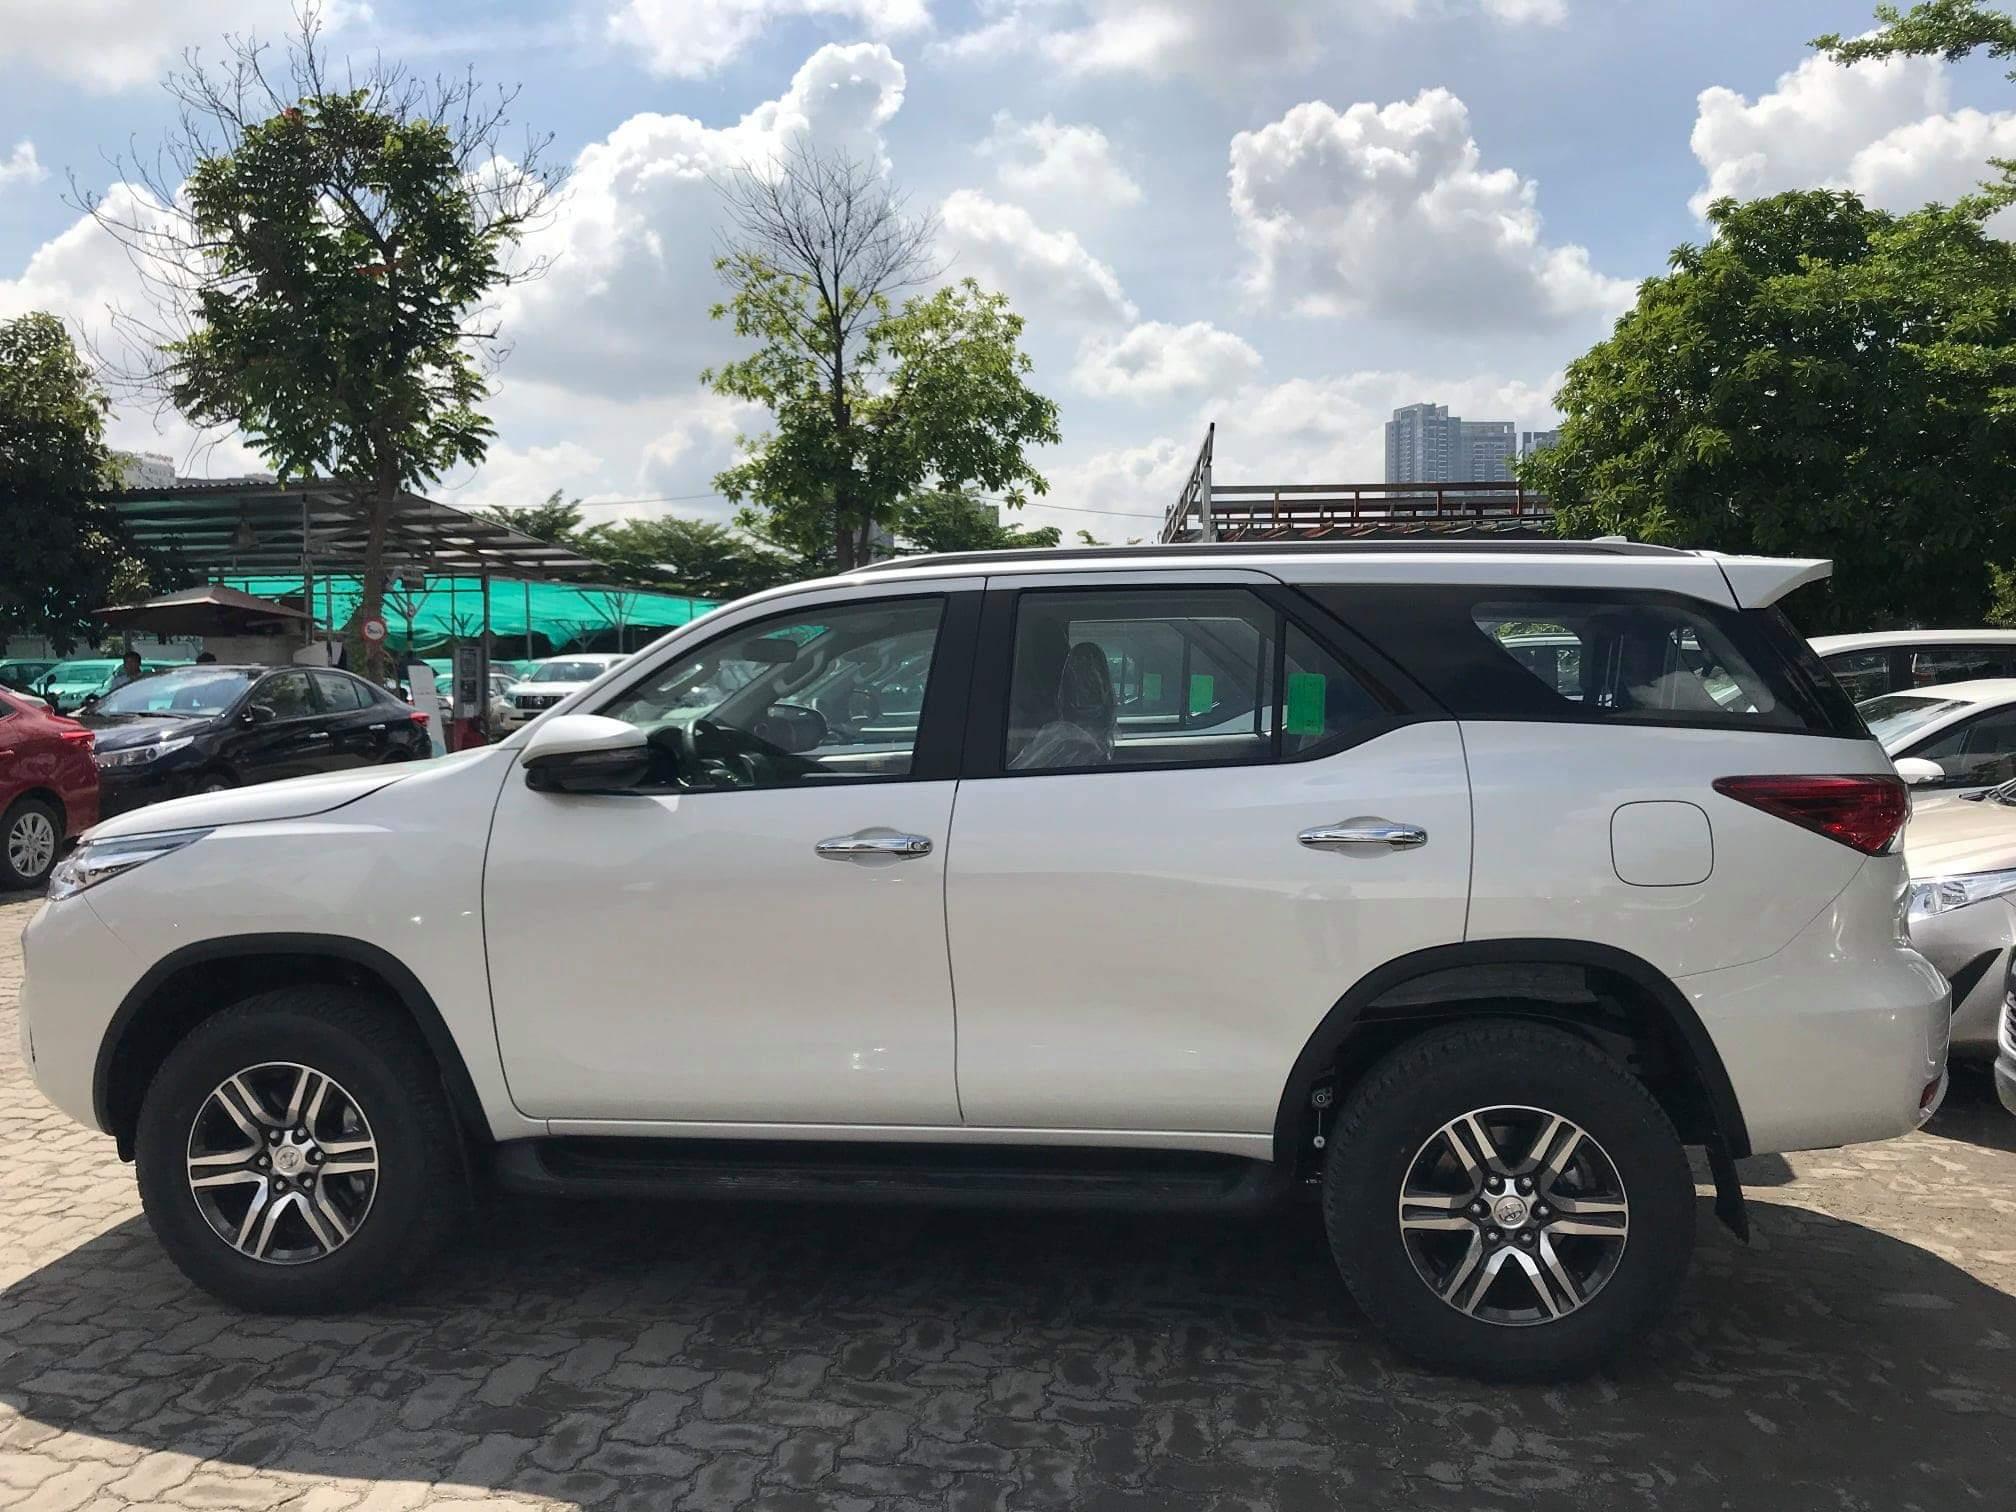 Cận cảnh 4 bộ Body Kit lung linh cho Toyota Fortuner 2017